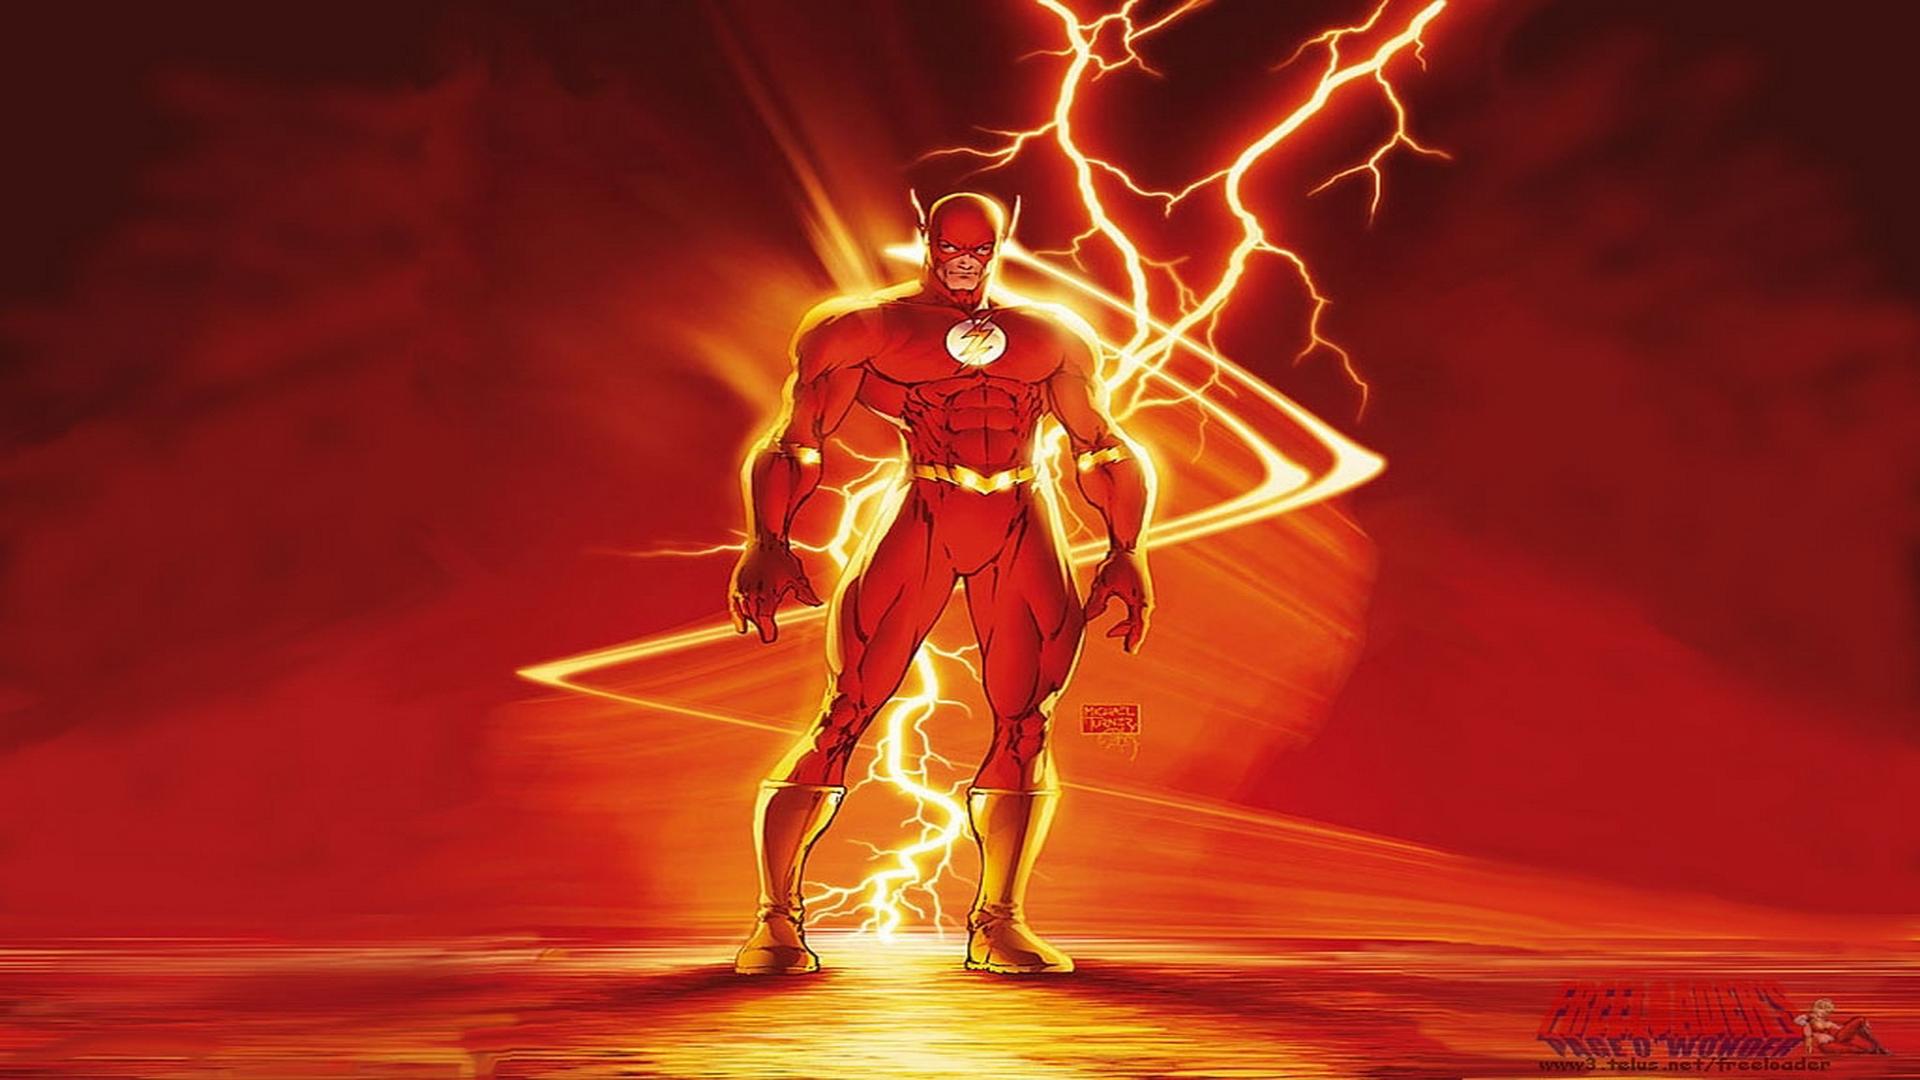 Flash Dc Comics 3975259 1024 768 Wallpaper HD Desktop Wallpapers HQ 1920x1080